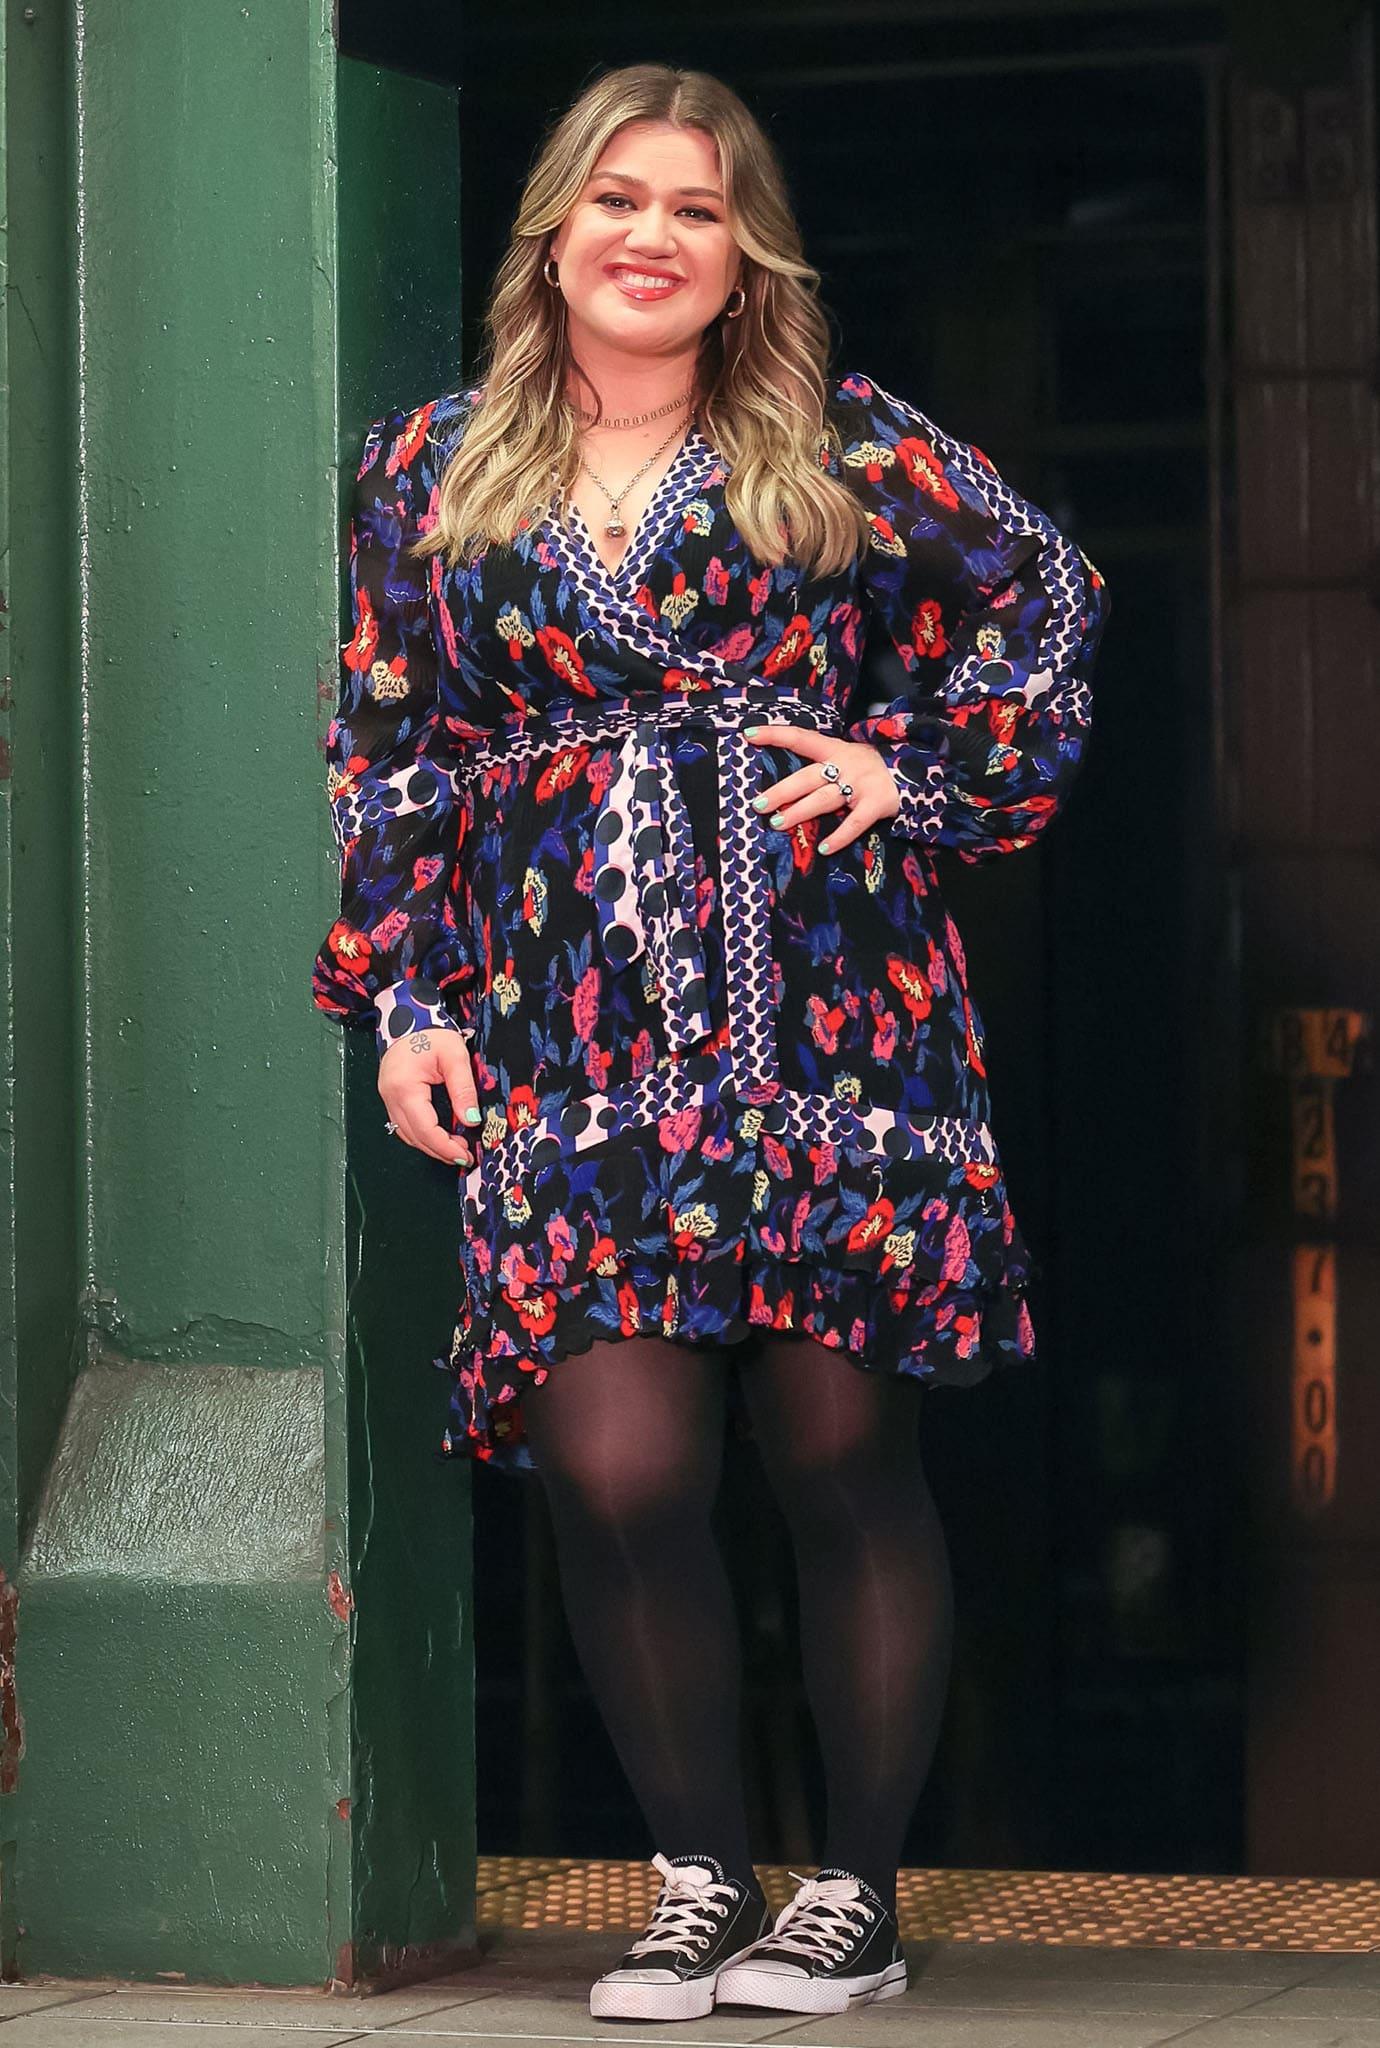 Kelly Clarkson wears a floral wrap dress from Diane vin Furstenberg